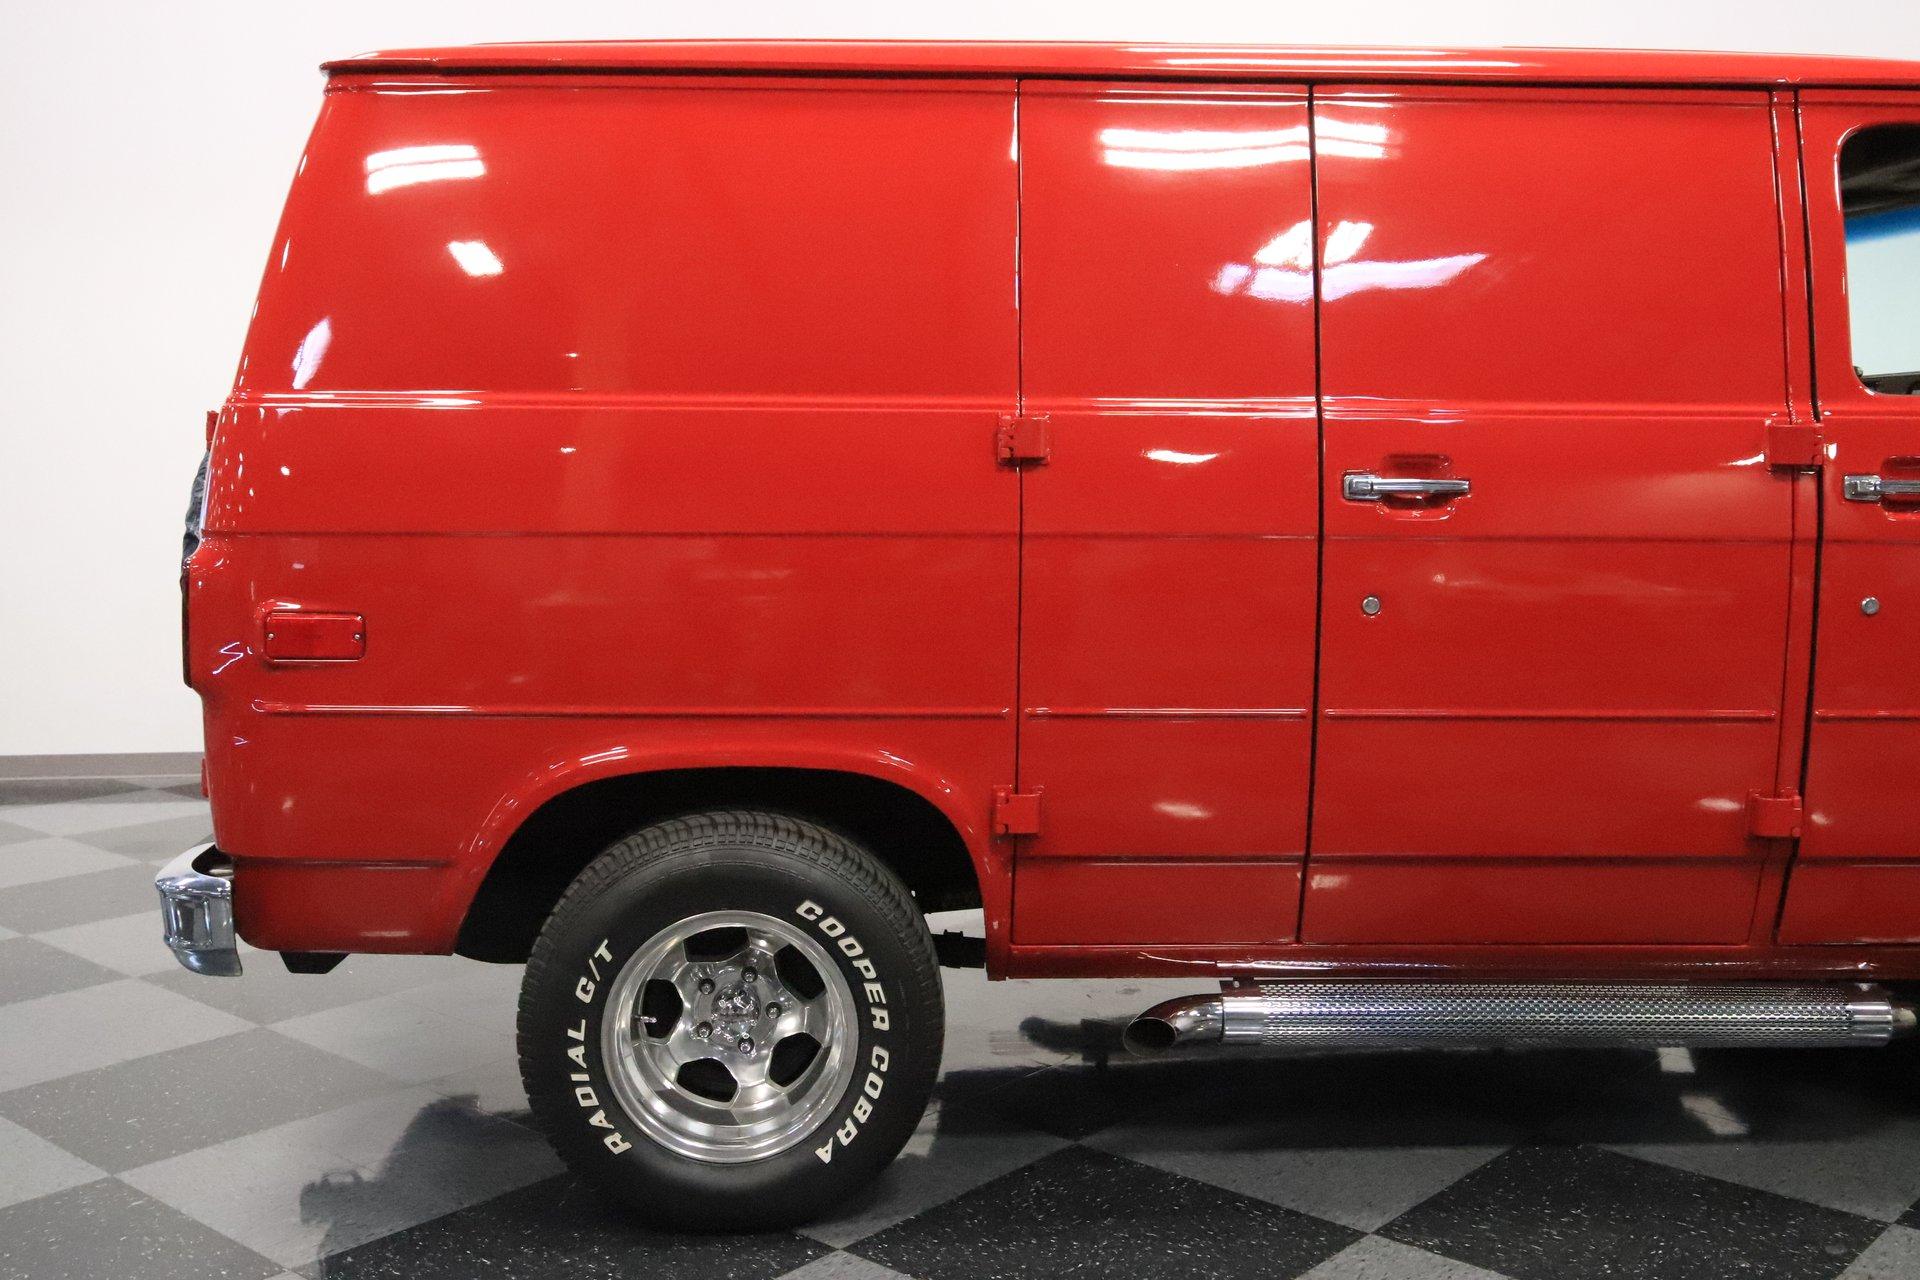 1991 gmc vandura 2500 towing capacity